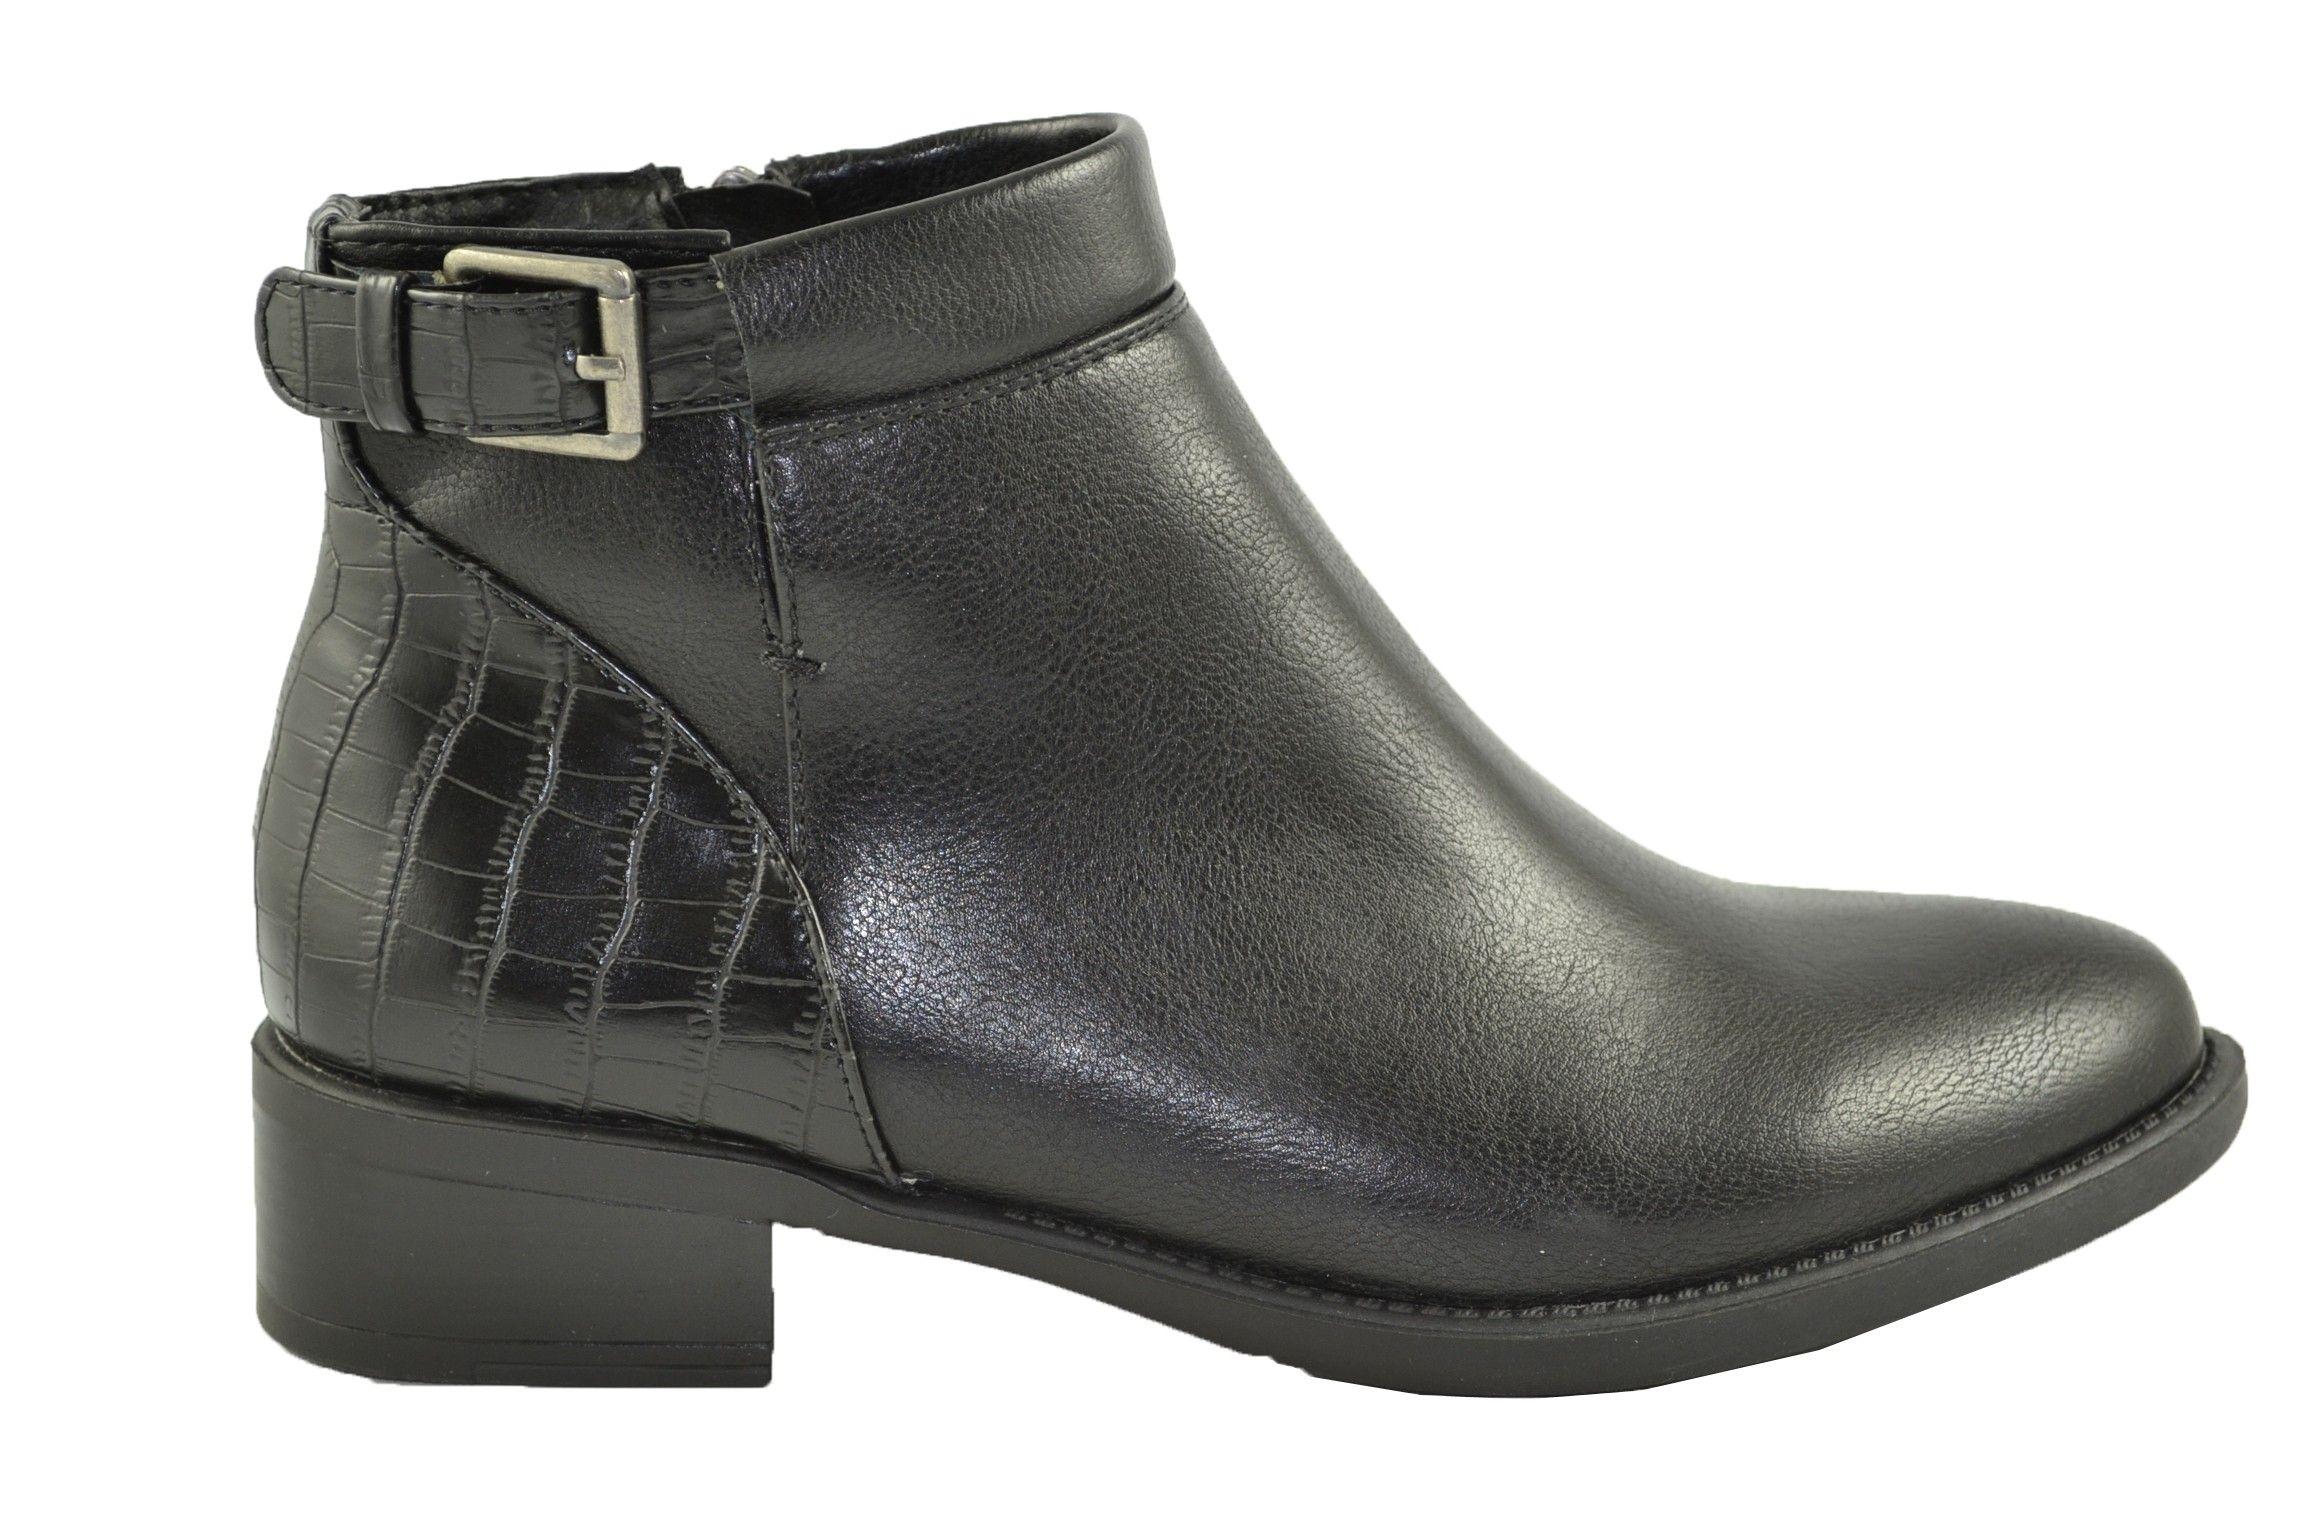 3f42dff2b3 Botines bajos MARIA MARE   Botas y botines   Zapatos, Botines bajos ...